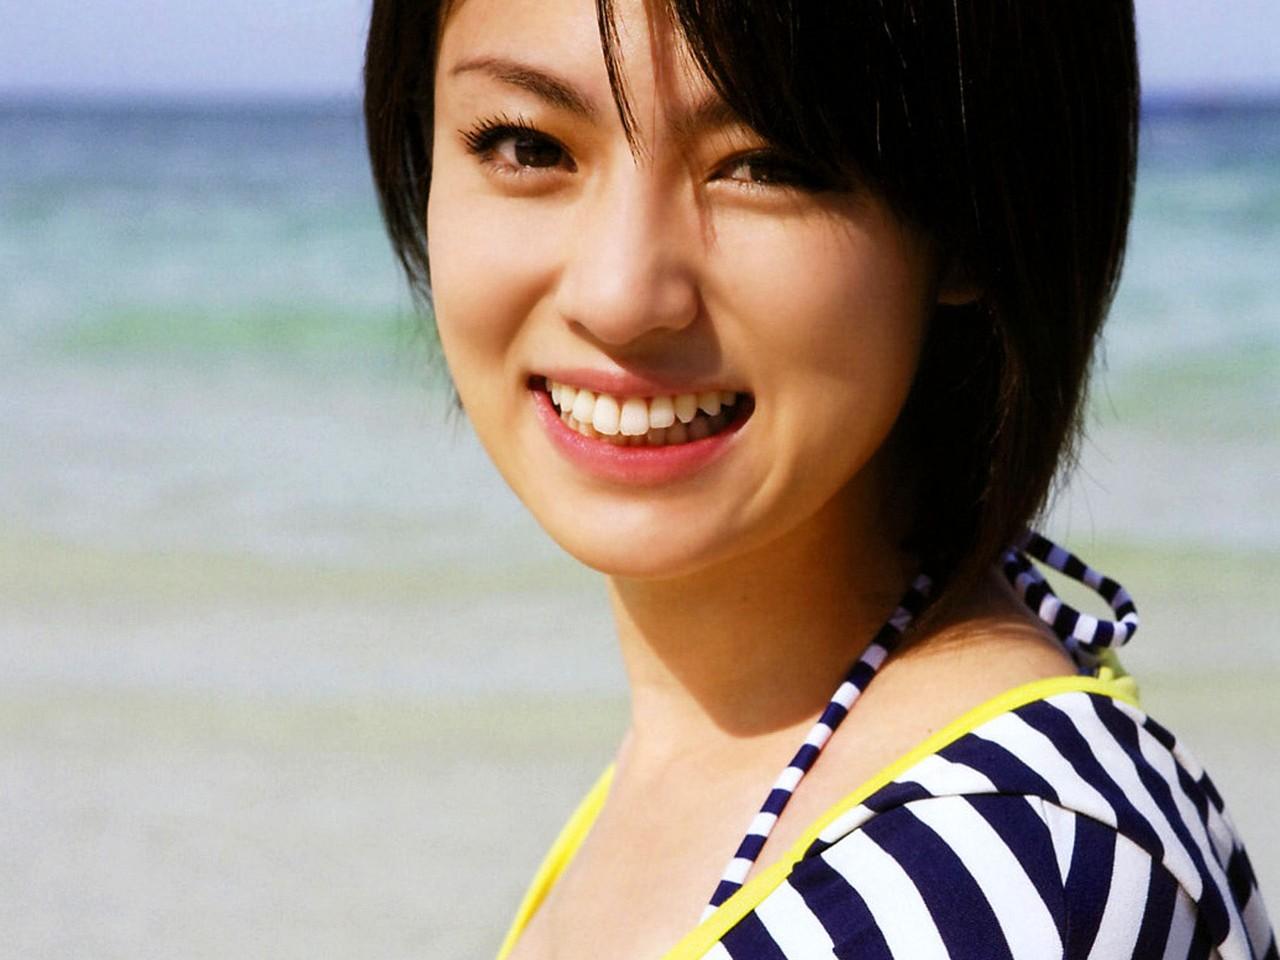 深田恭子 Fukada Kyoko Pictures 画像 03